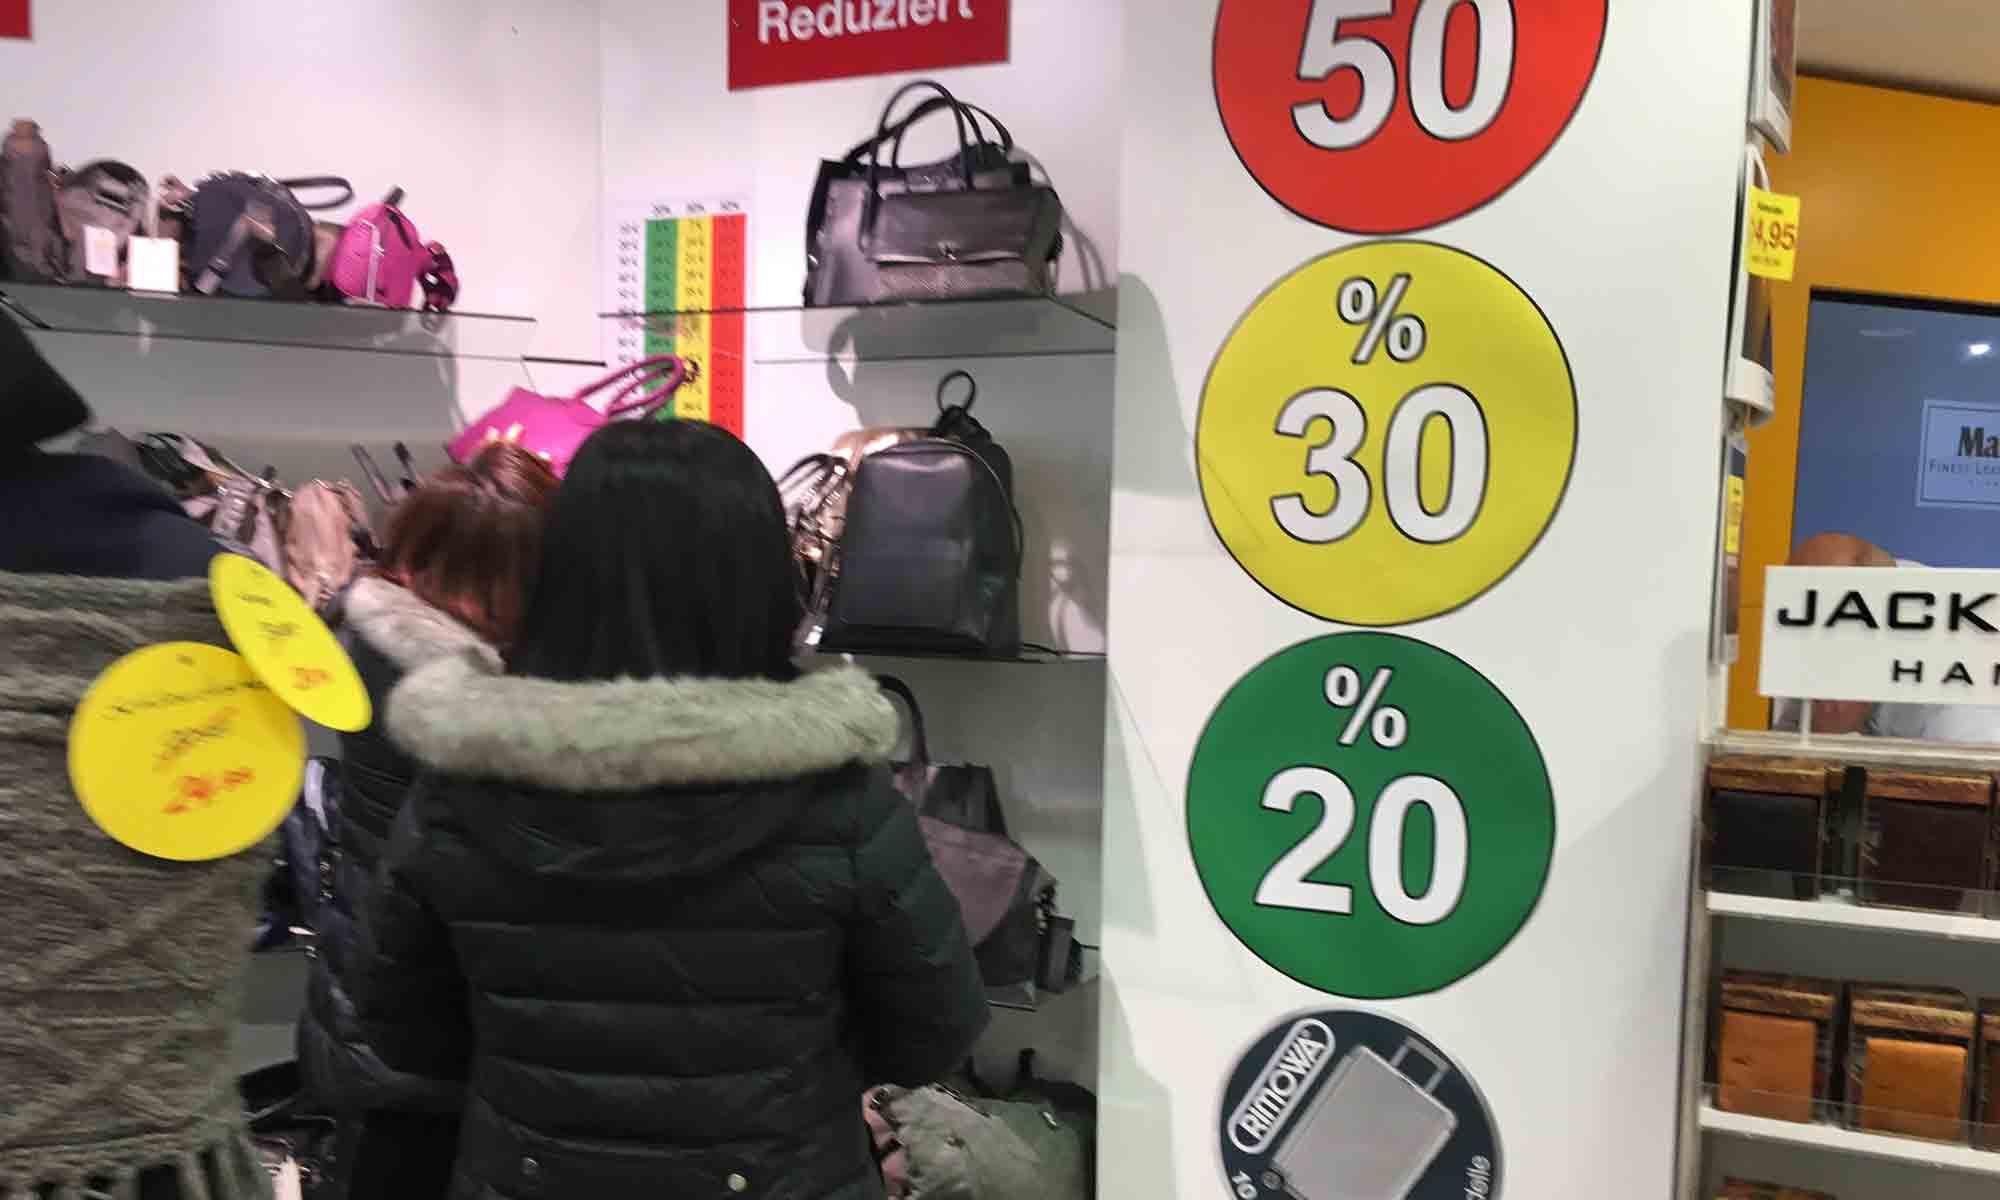 Ideen für Kundenaktionen im Einzelhandel